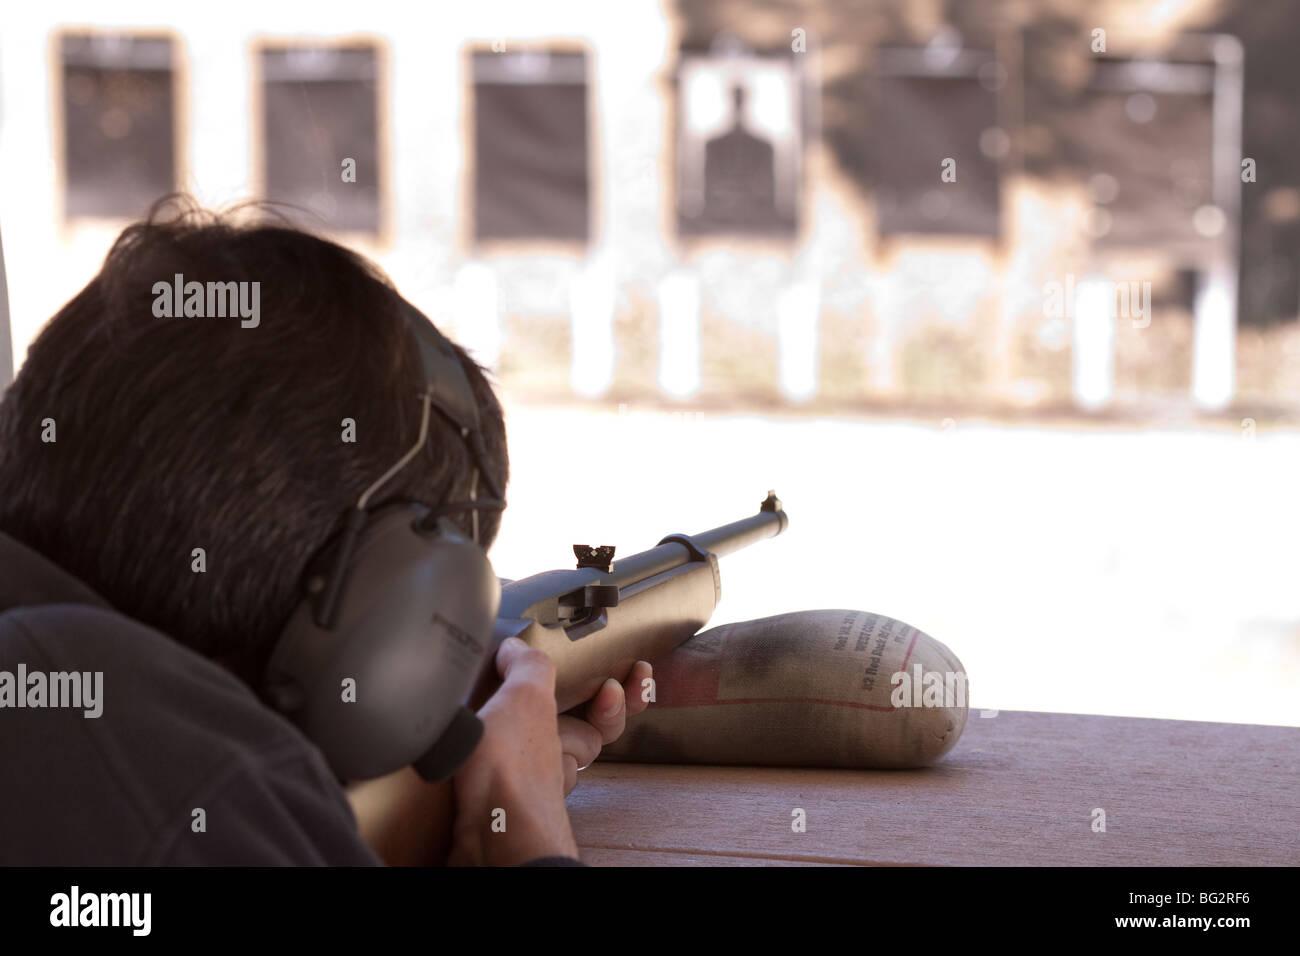 Man aiming Ruger 10/22 rifle at targets at Los Altos Rod and Gun Club outdoor gun range - Stock Image